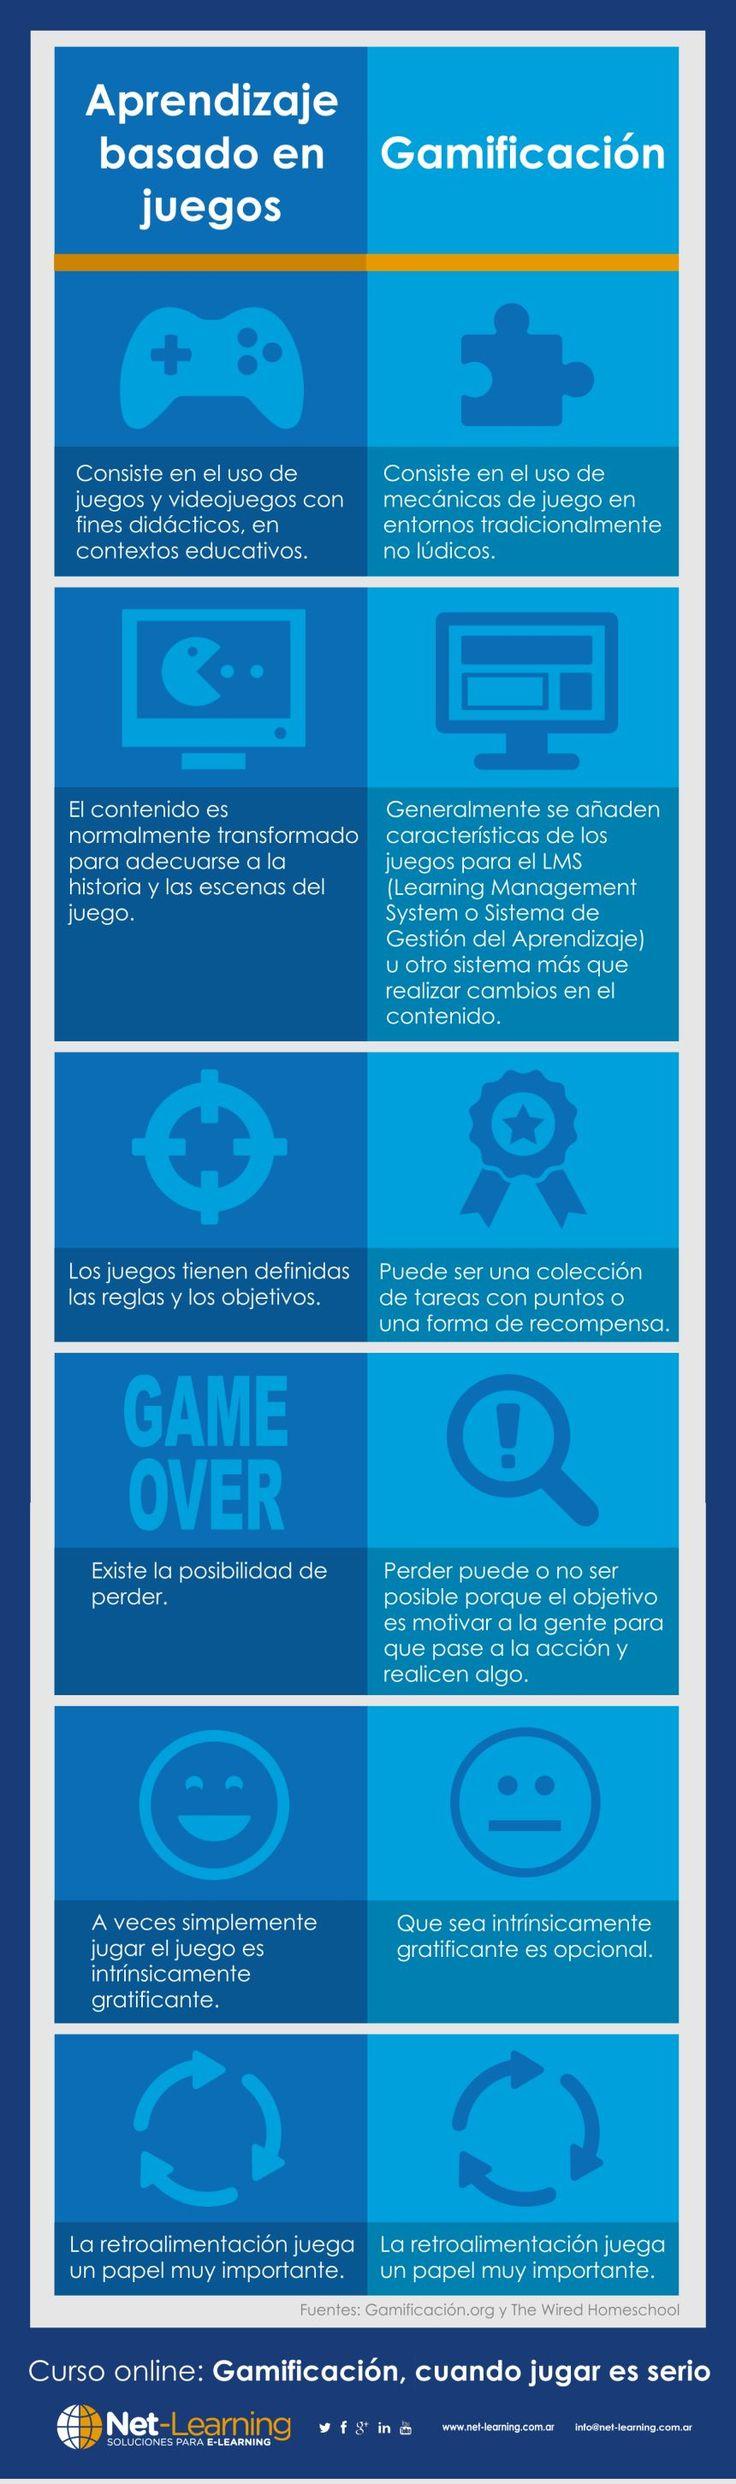 """Hola: Compartimos una interesante infografía sobre """"Aprendizaje Basado en Juegos vs Gamificación"""" Un gran saludo. Visto en: net-learning.com.ar Solicitar Información ____ :) ____ Preg..."""